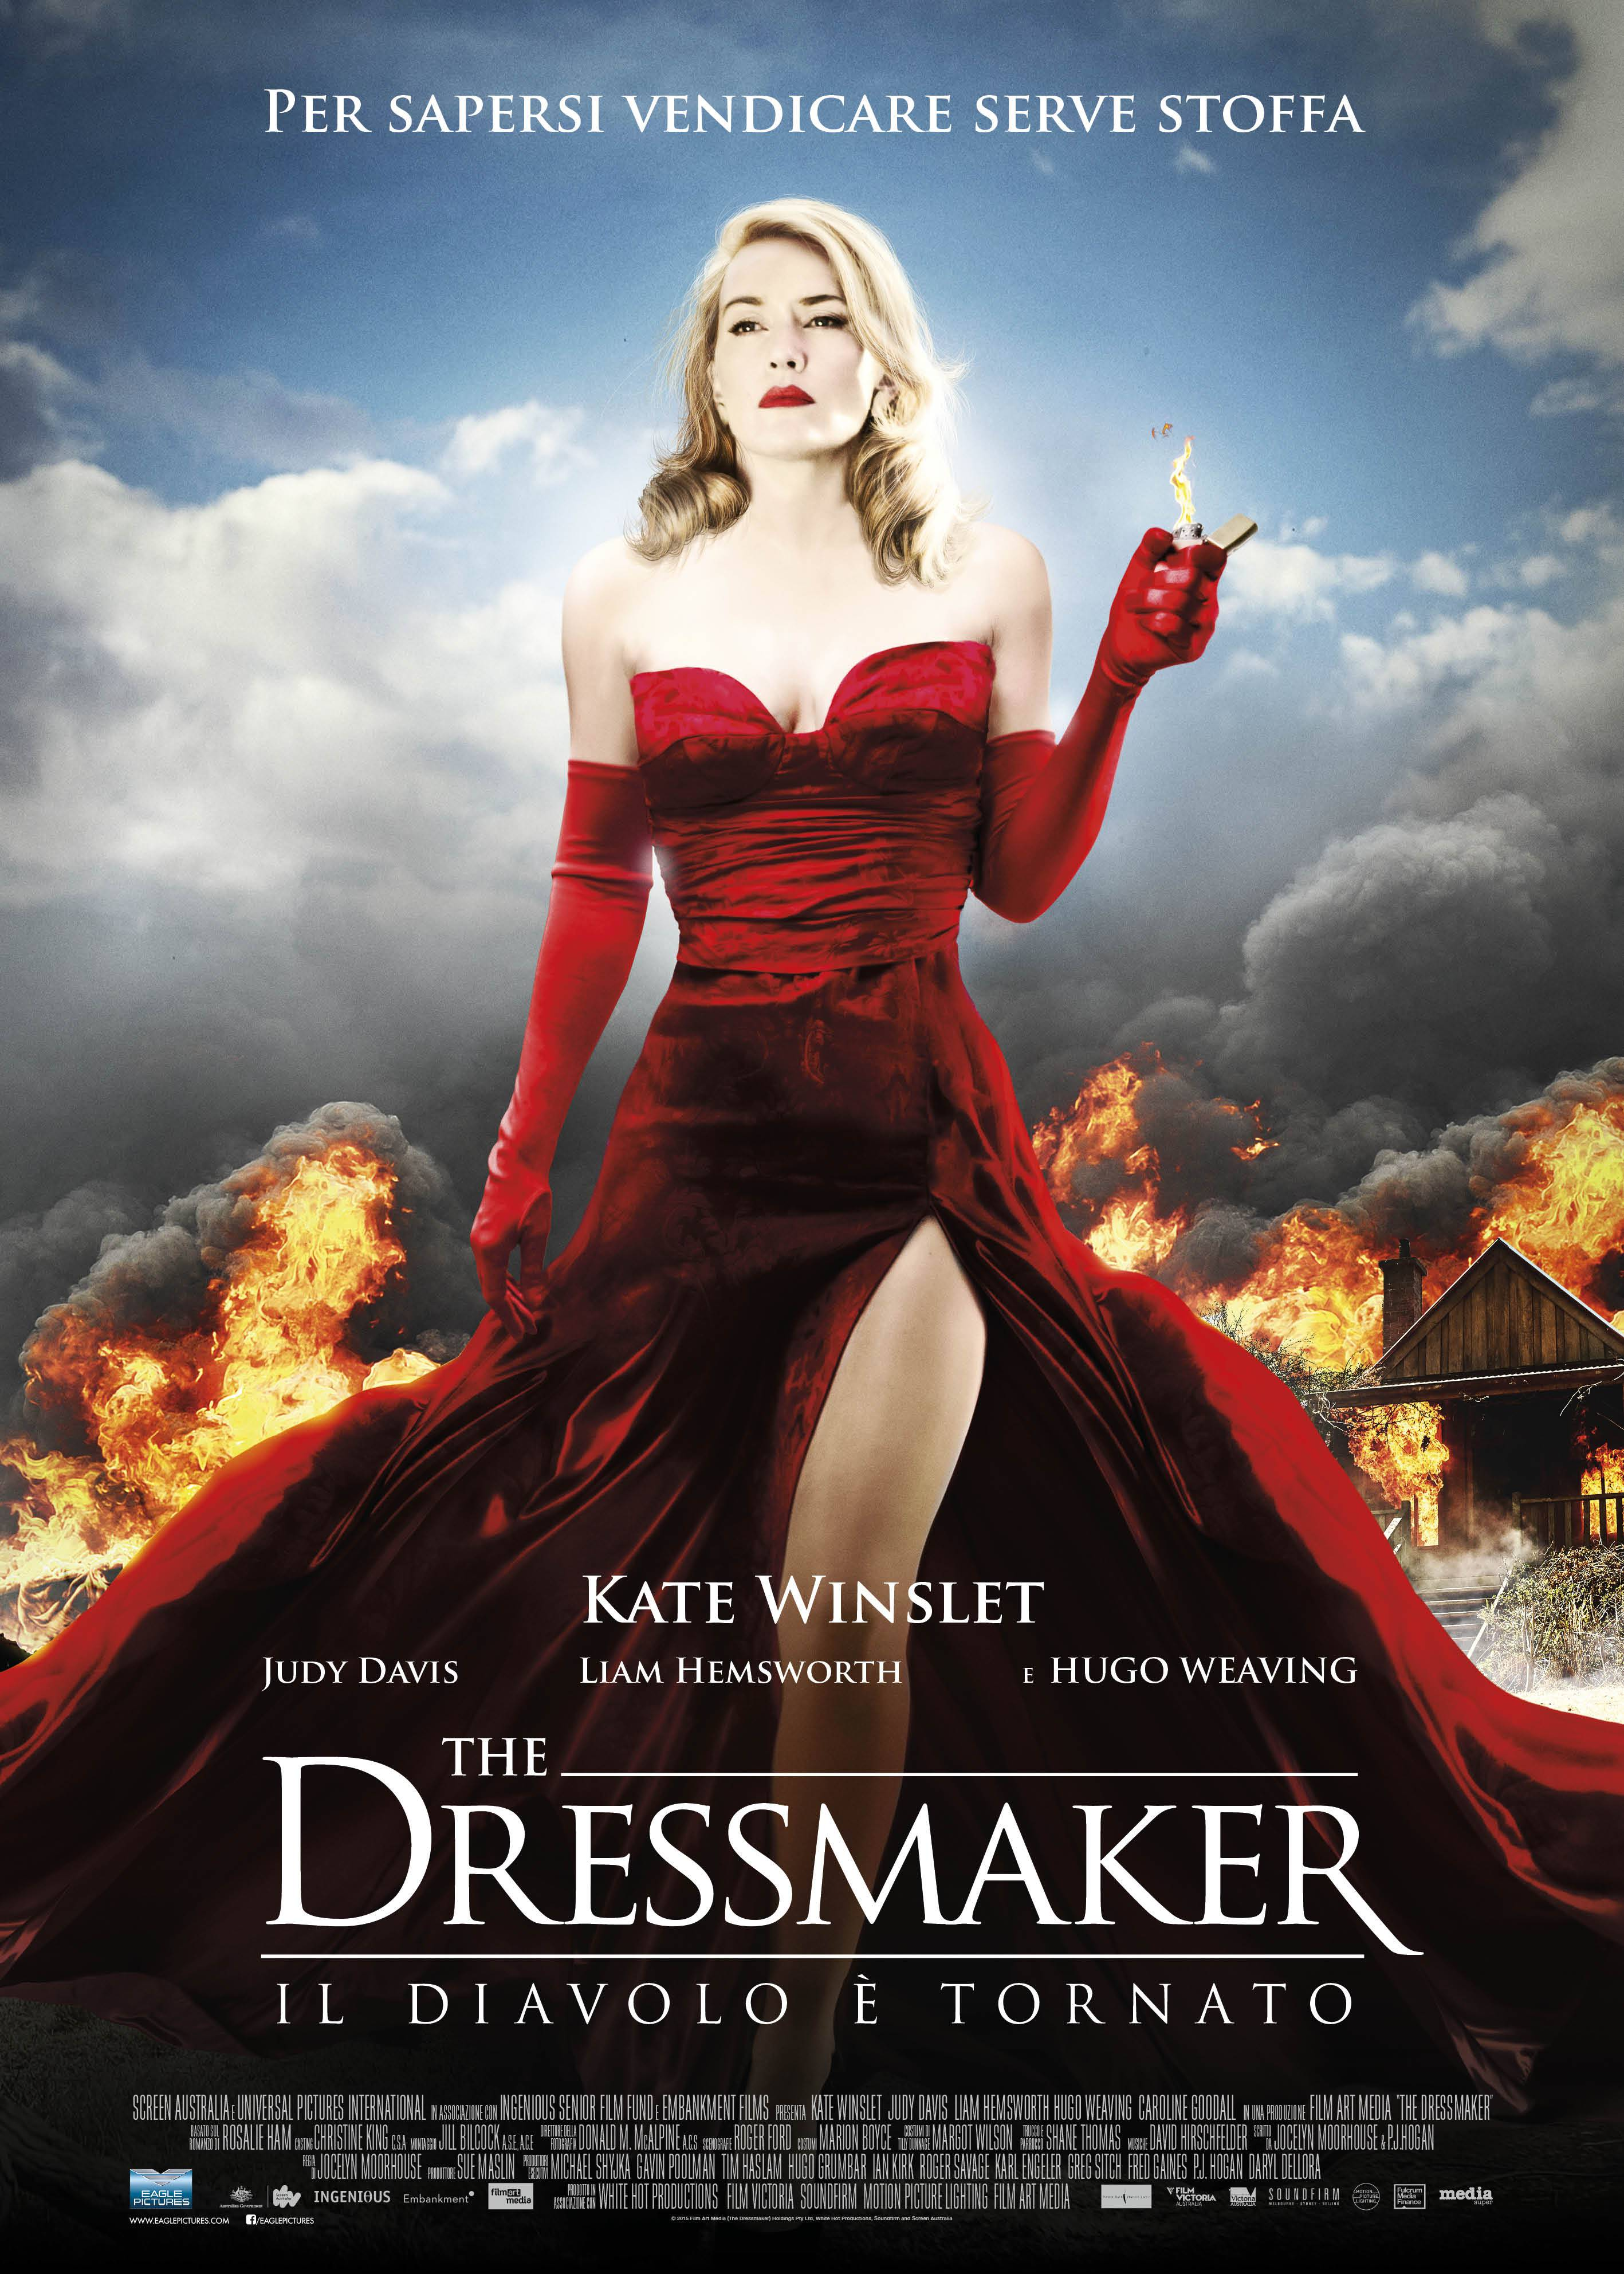 Dressmaker, il diavolo è tornato (al cinema)